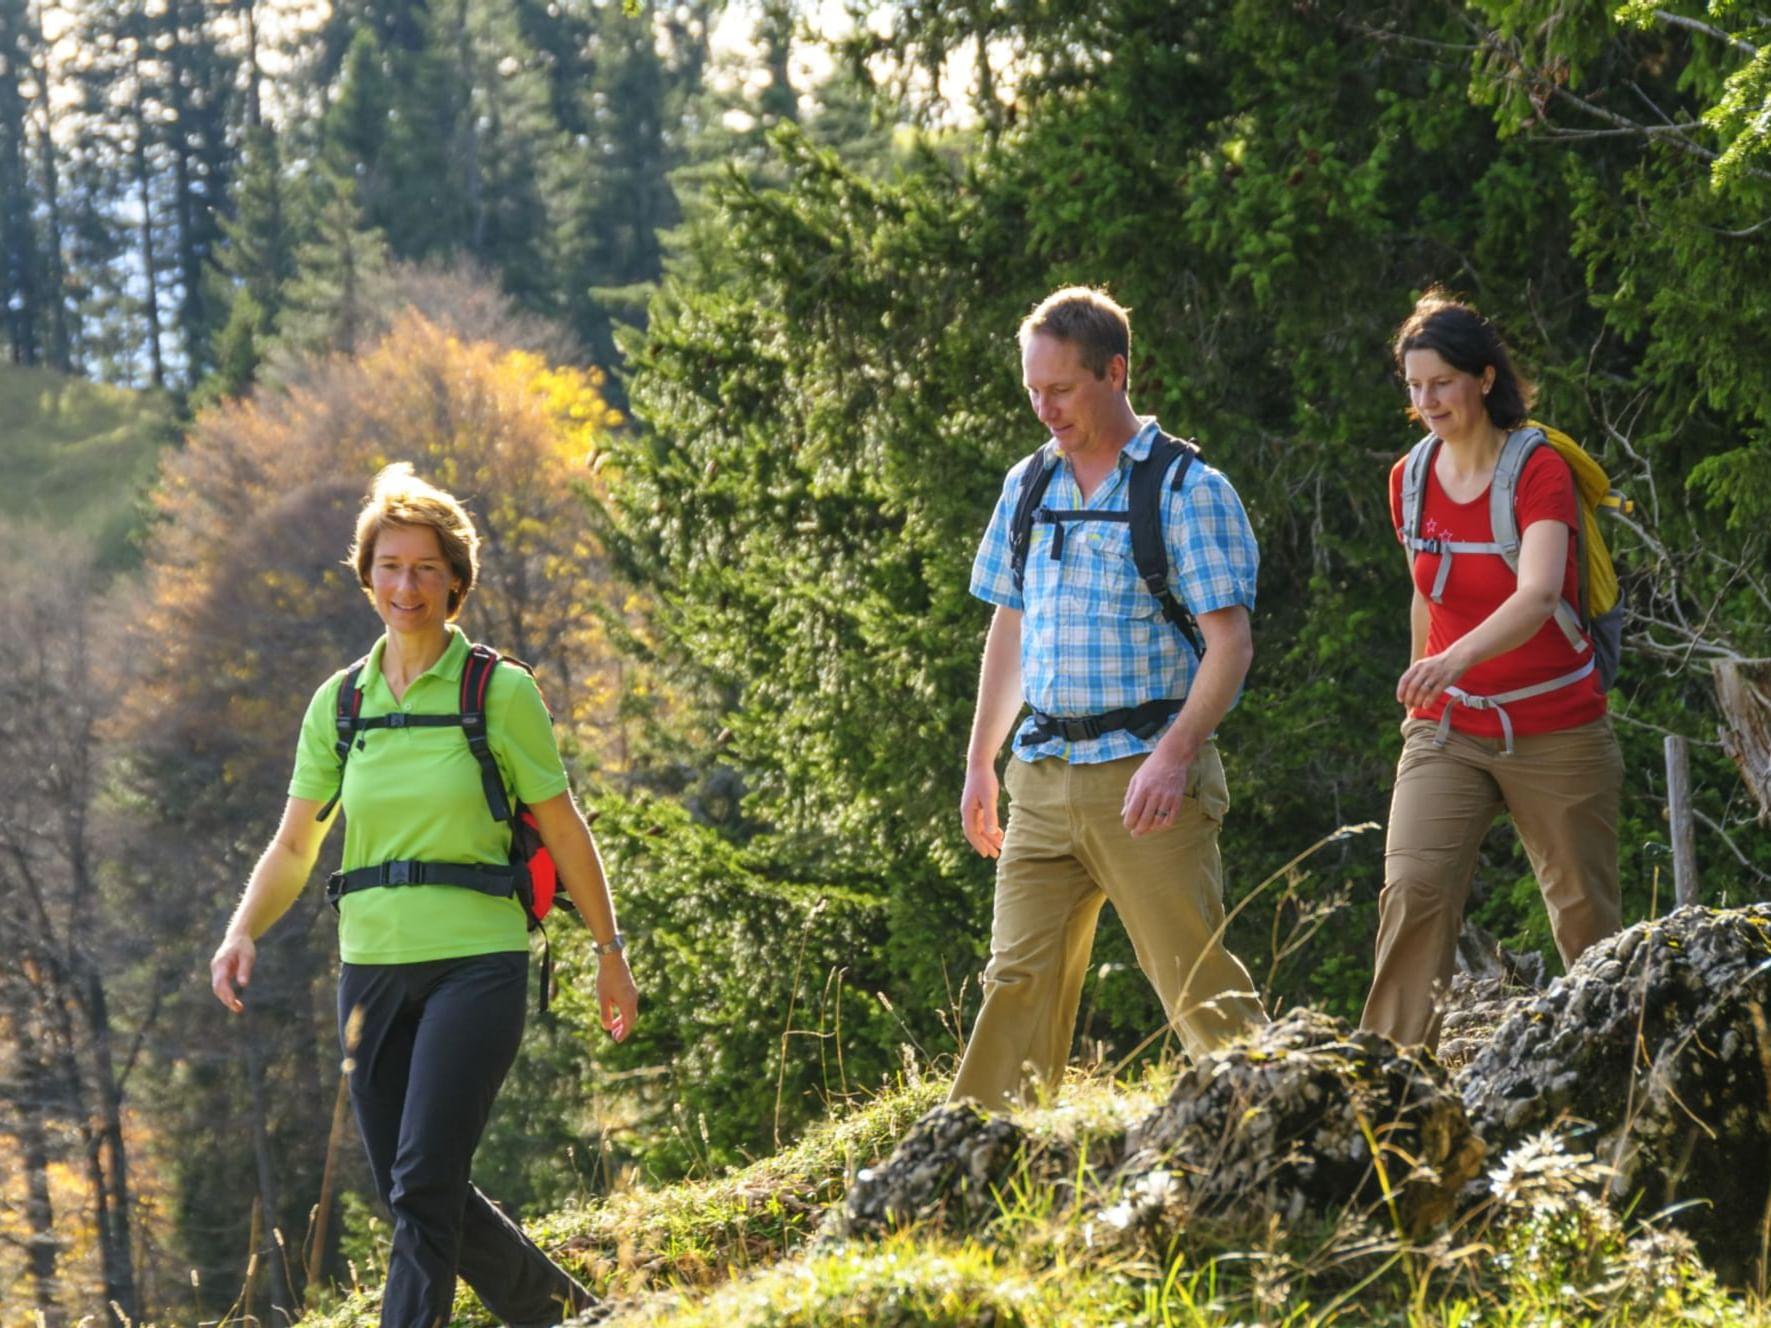 three adults hiking